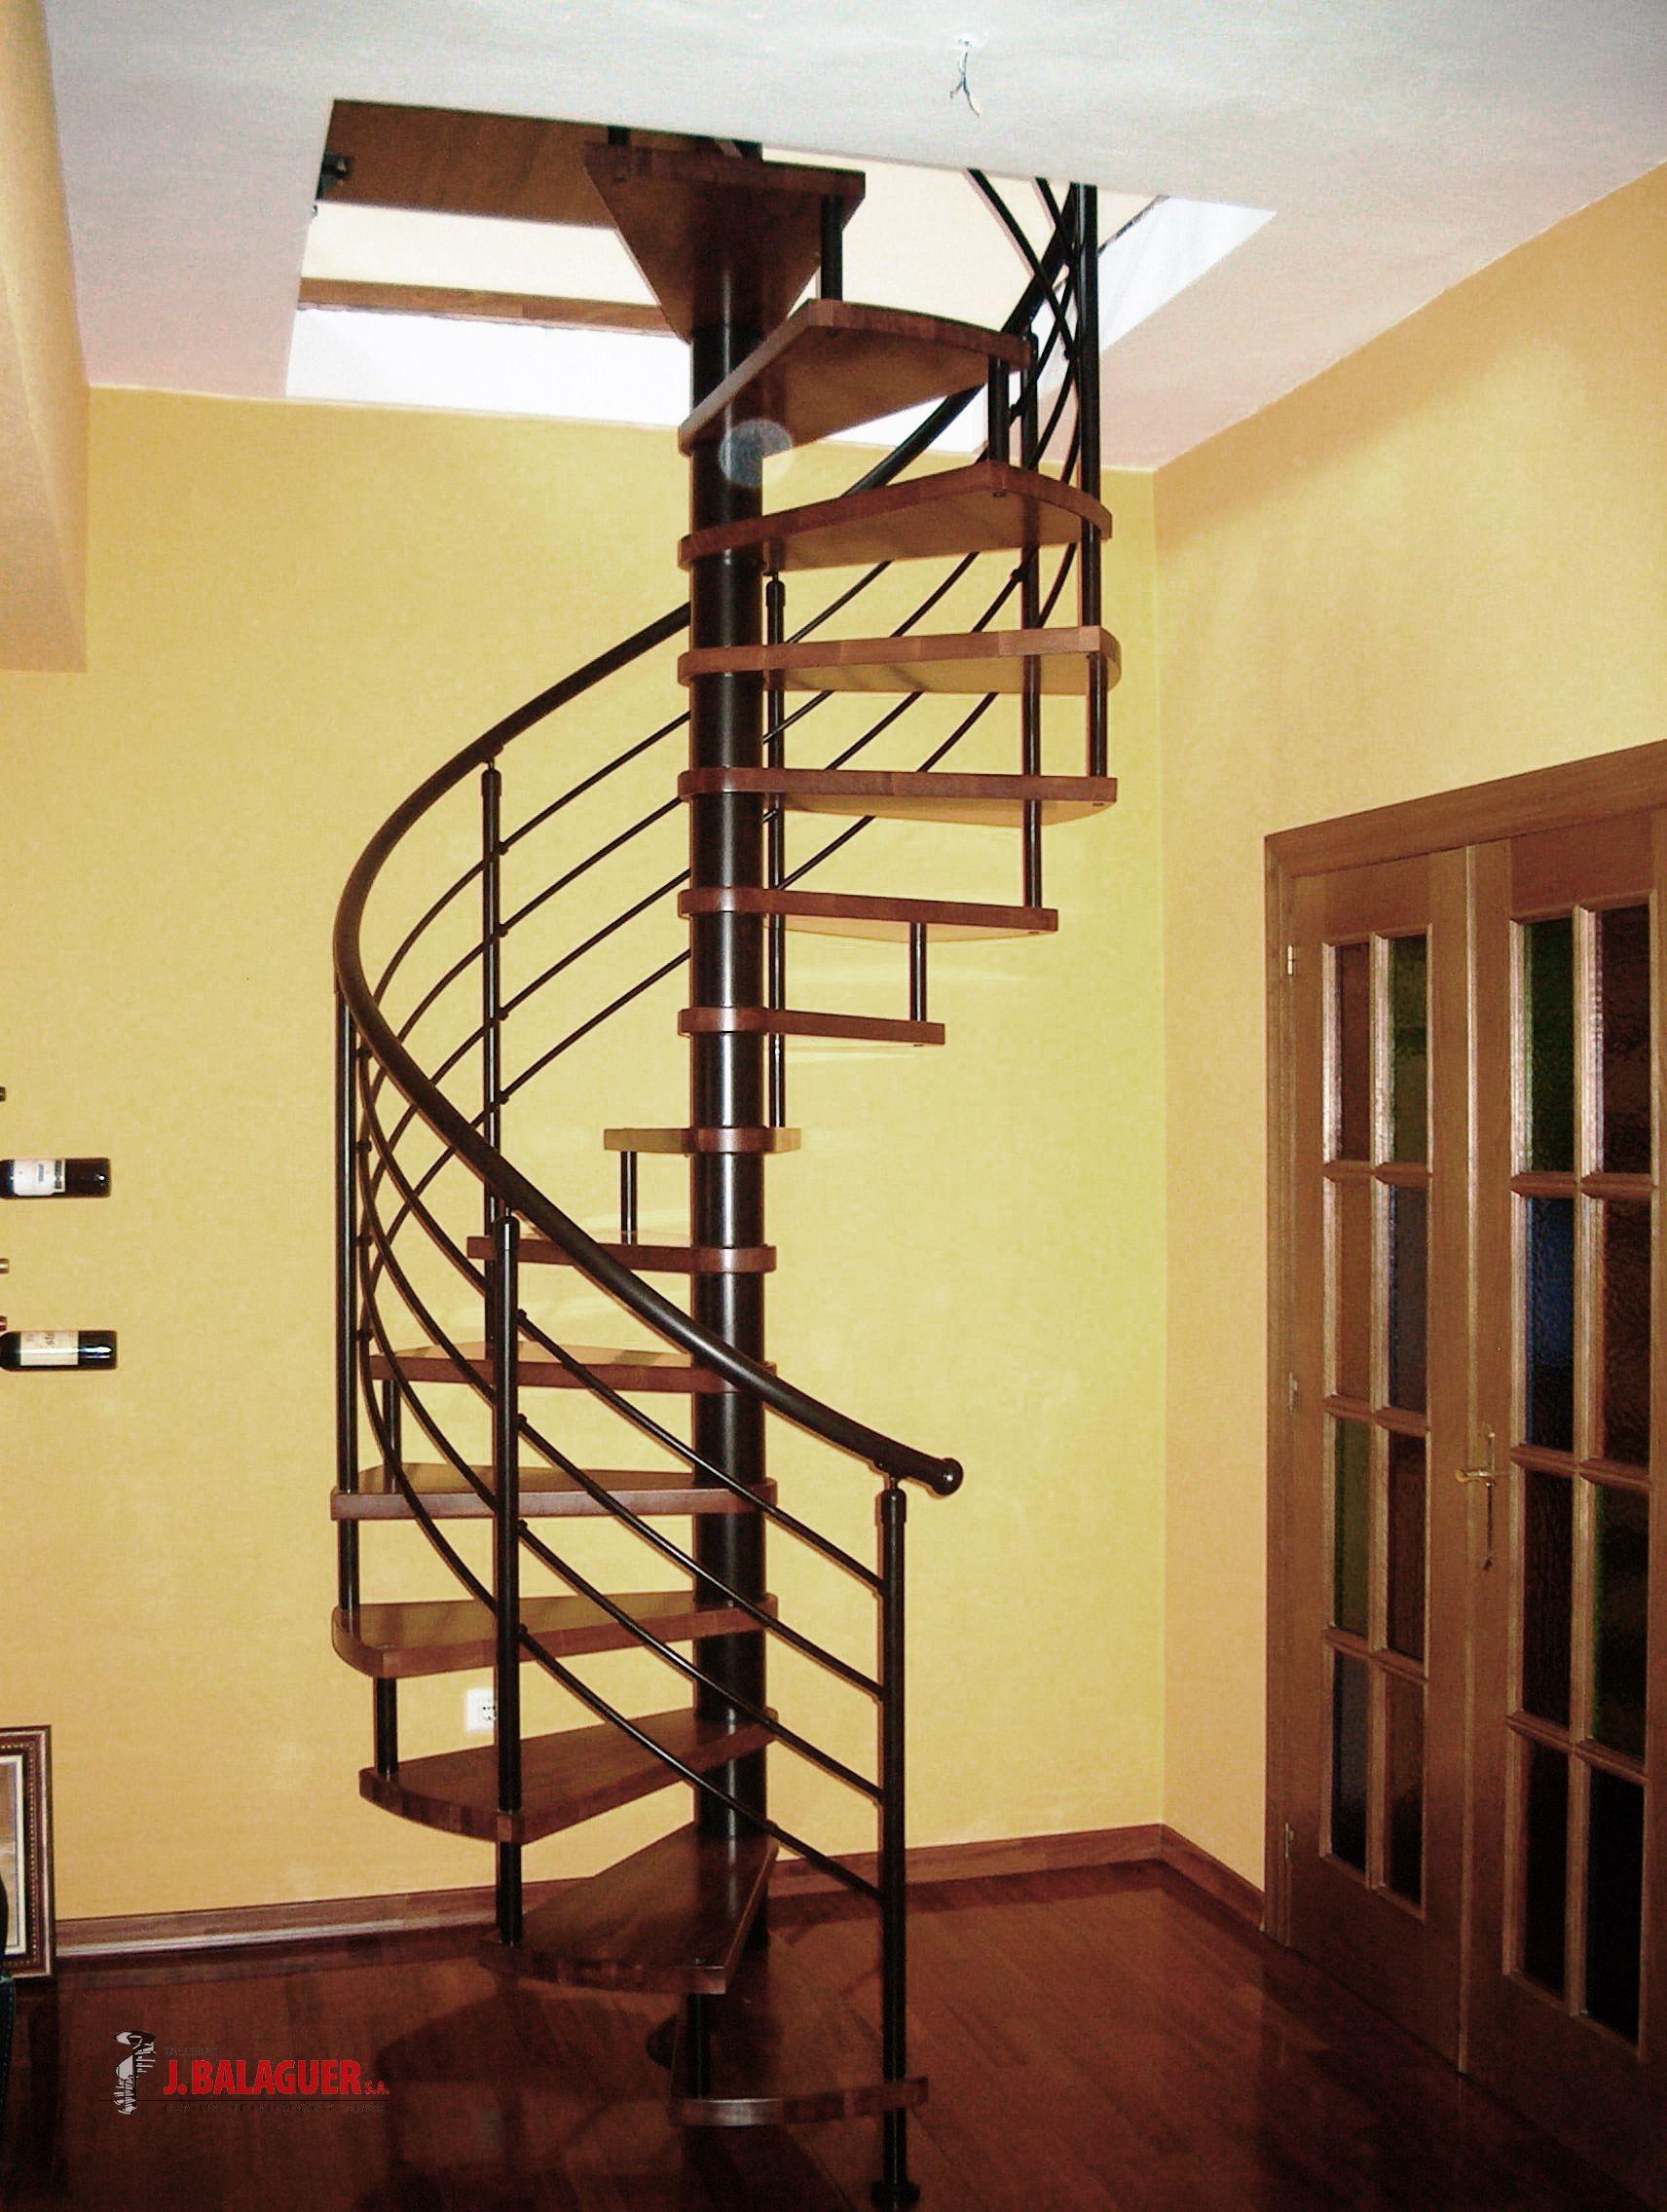 Mod le m6 escaleras balaguer for Modelos de gradas de madera